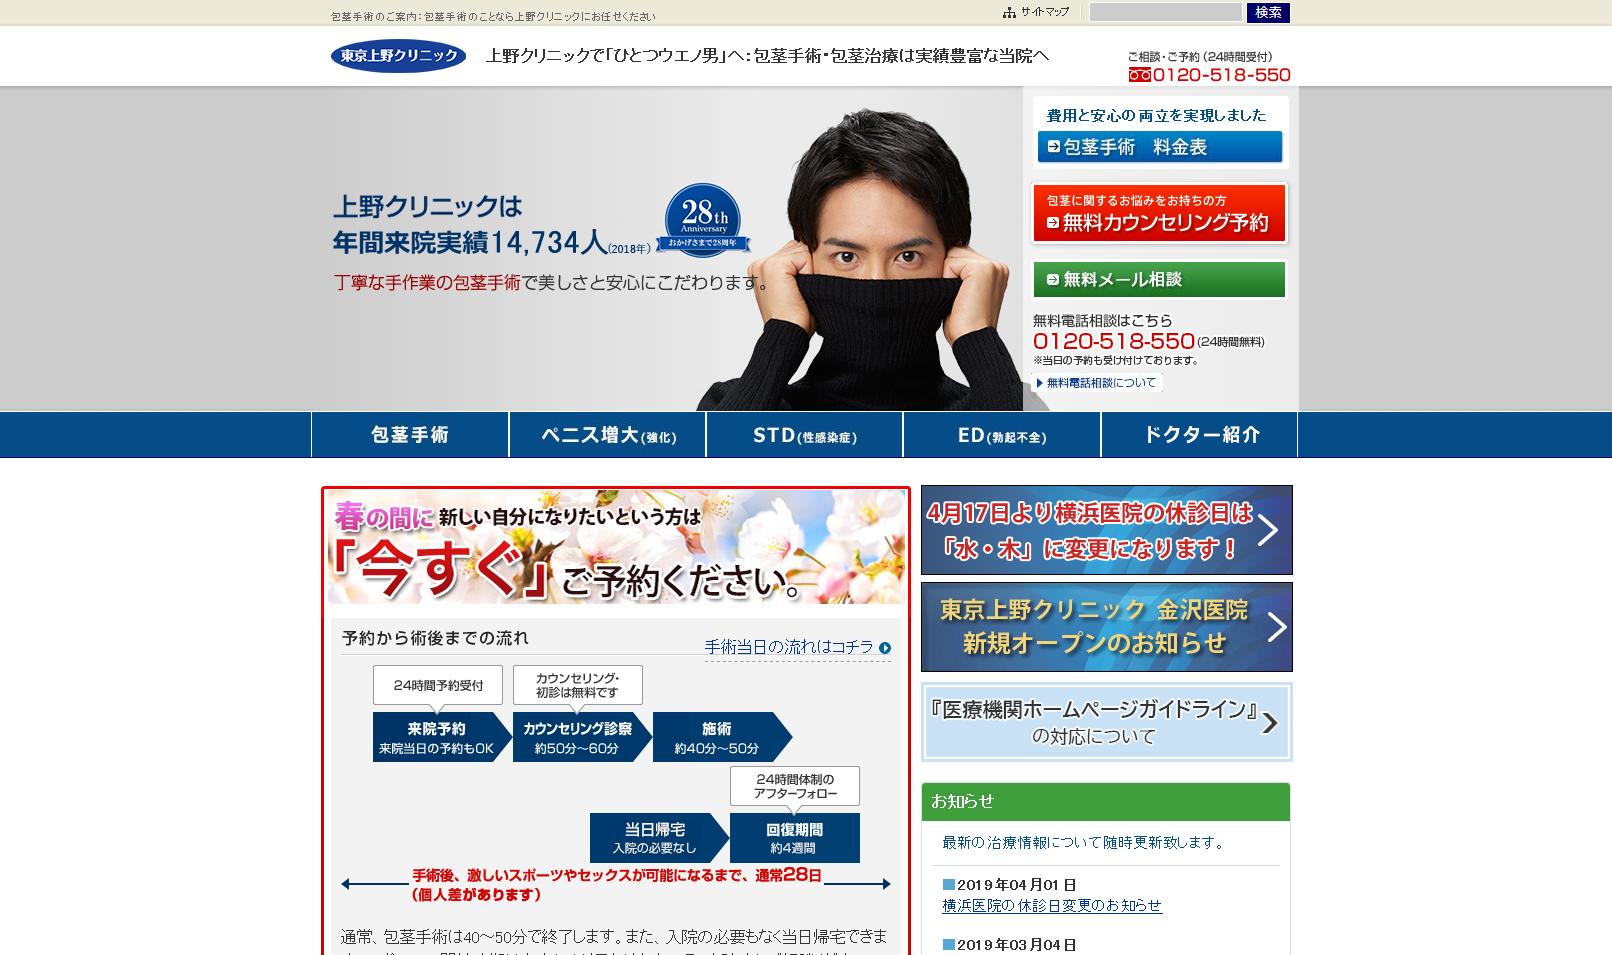 上野クリニックで「ひとつウエノ男」へ:包茎手術・包茎治療は実績豊富な当院へ